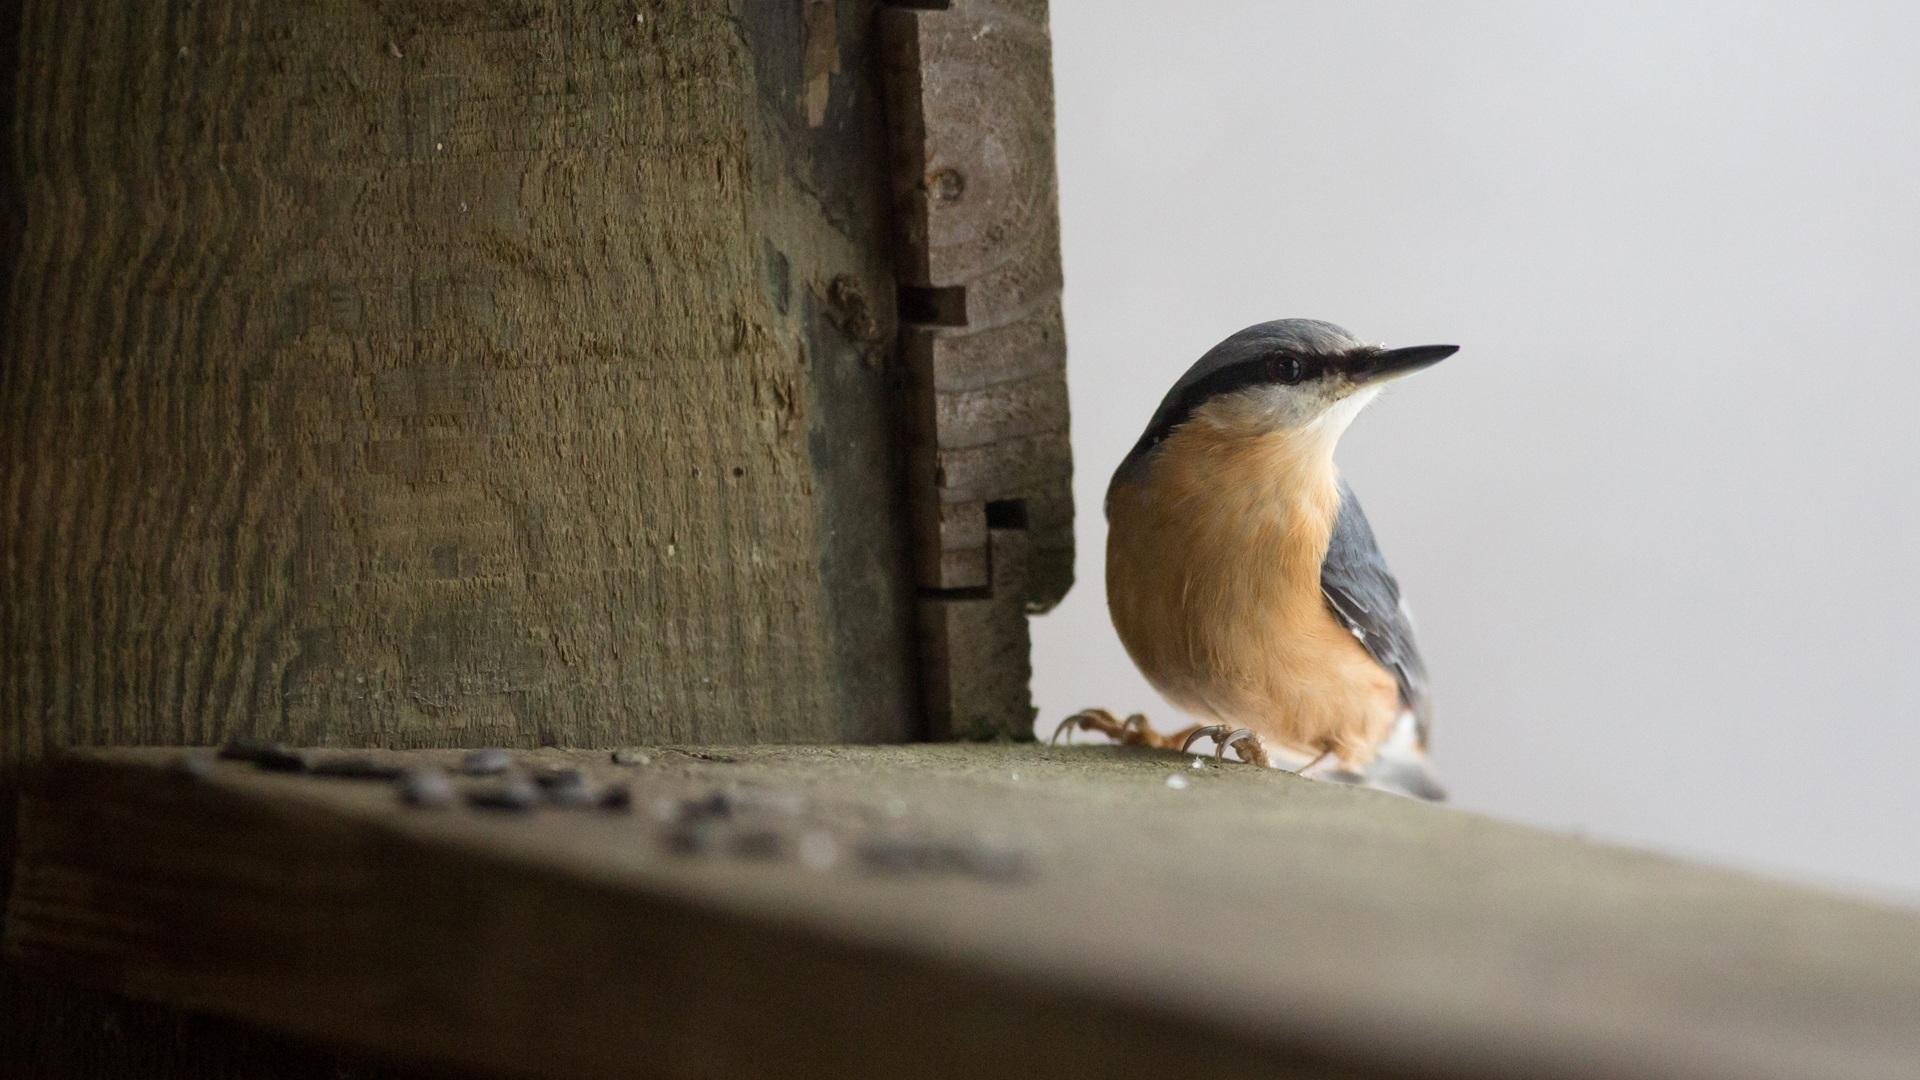 Nourrissage des oiseaux, quand et pourquoi arrêter ?